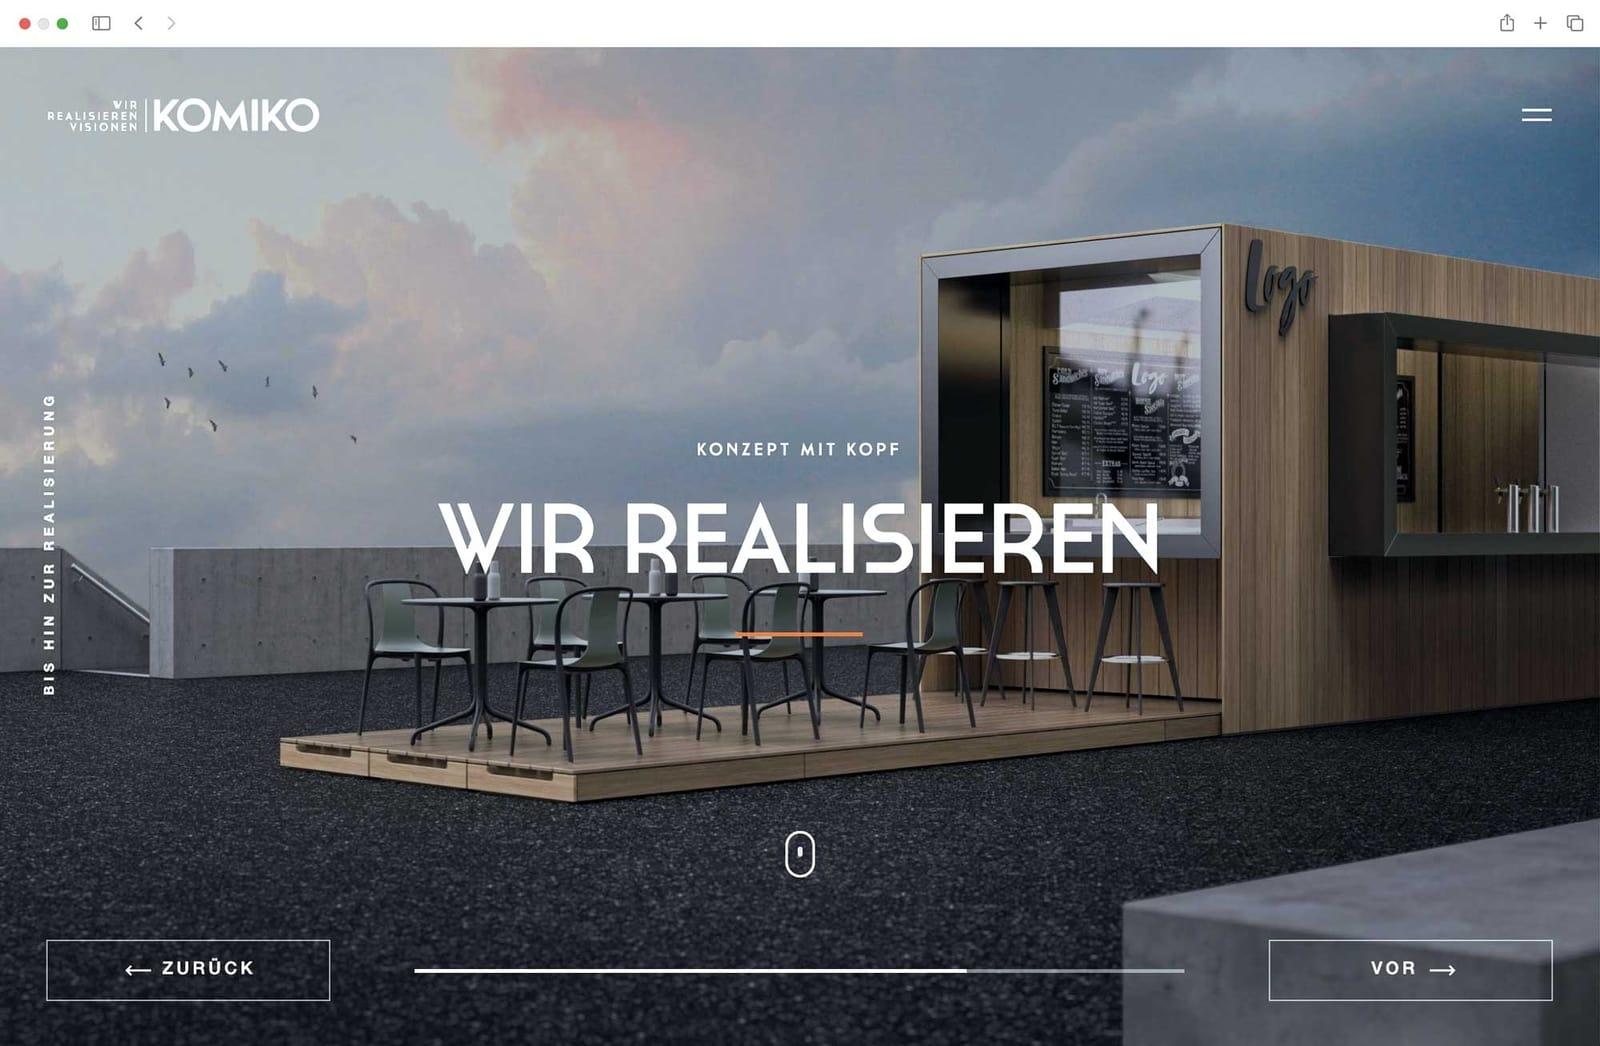 Website Startseite Wir realisieren Visionen Konzept mit Kopf GmbH